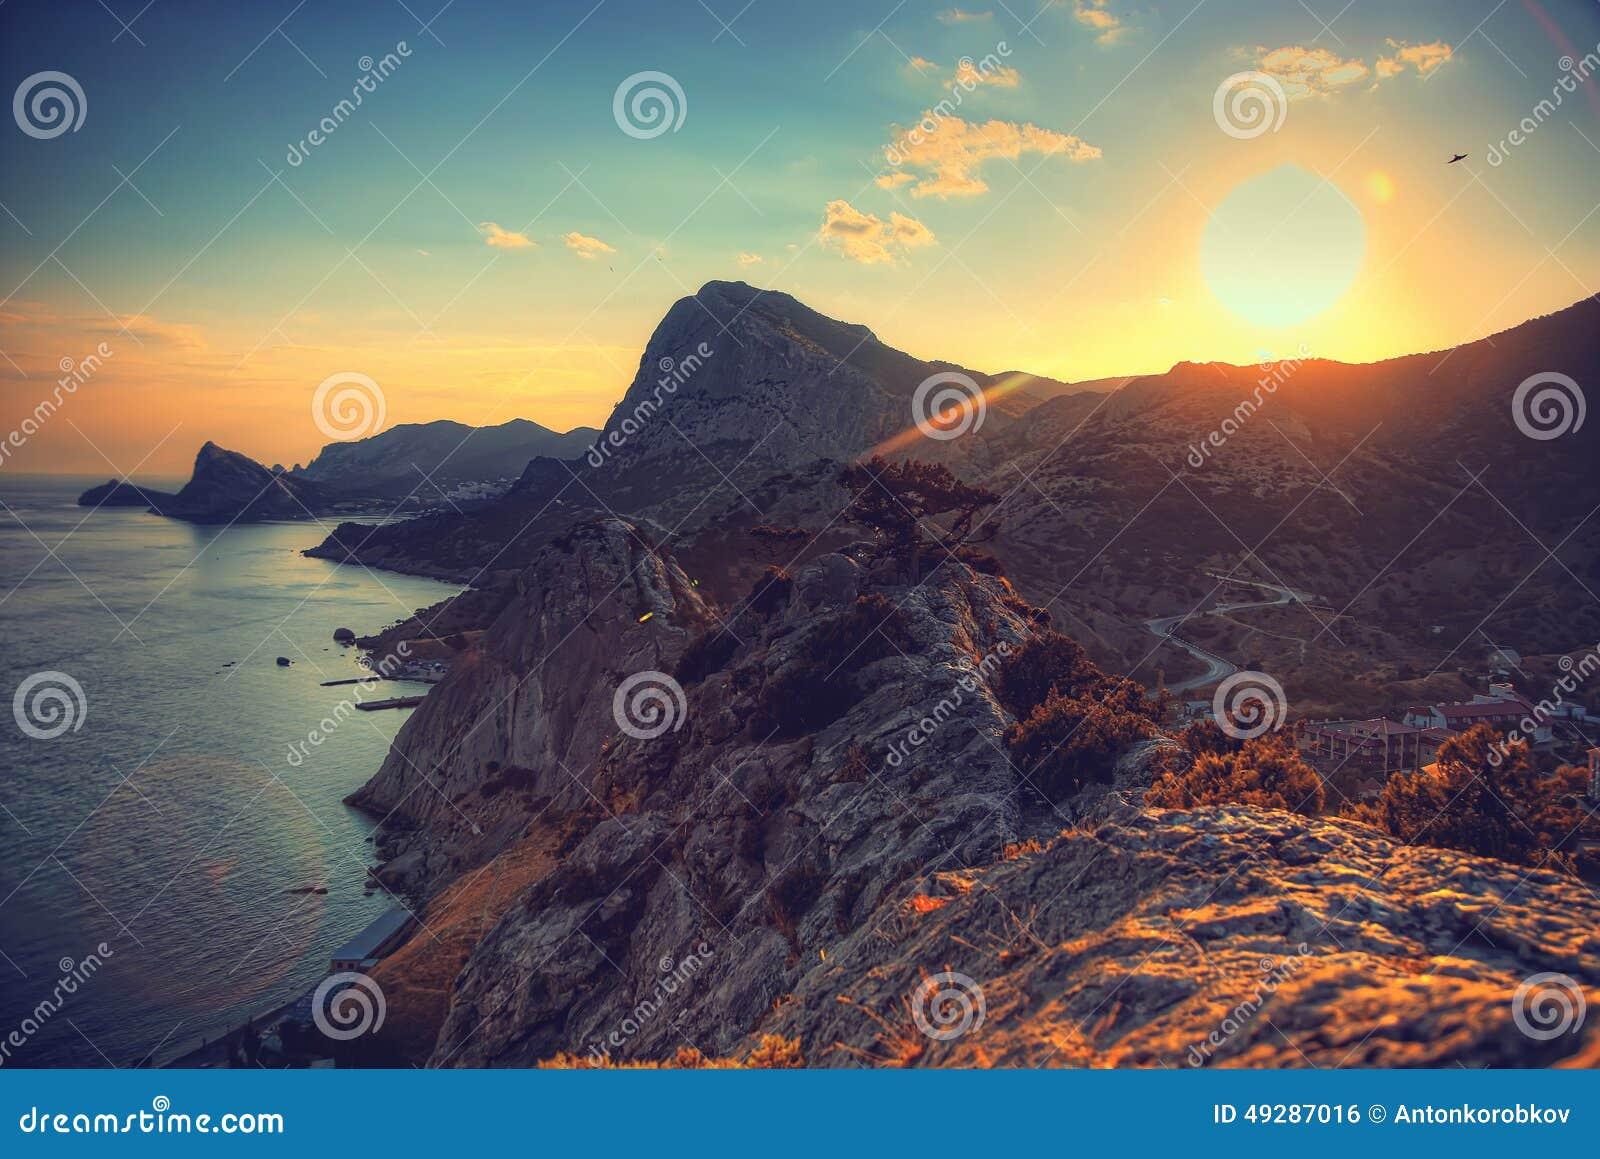 Hav och berg på solnedgången naken sky för blå crimea kullliggande mot bakgrund field blåa oklarheter för grön vitt wispy natursk